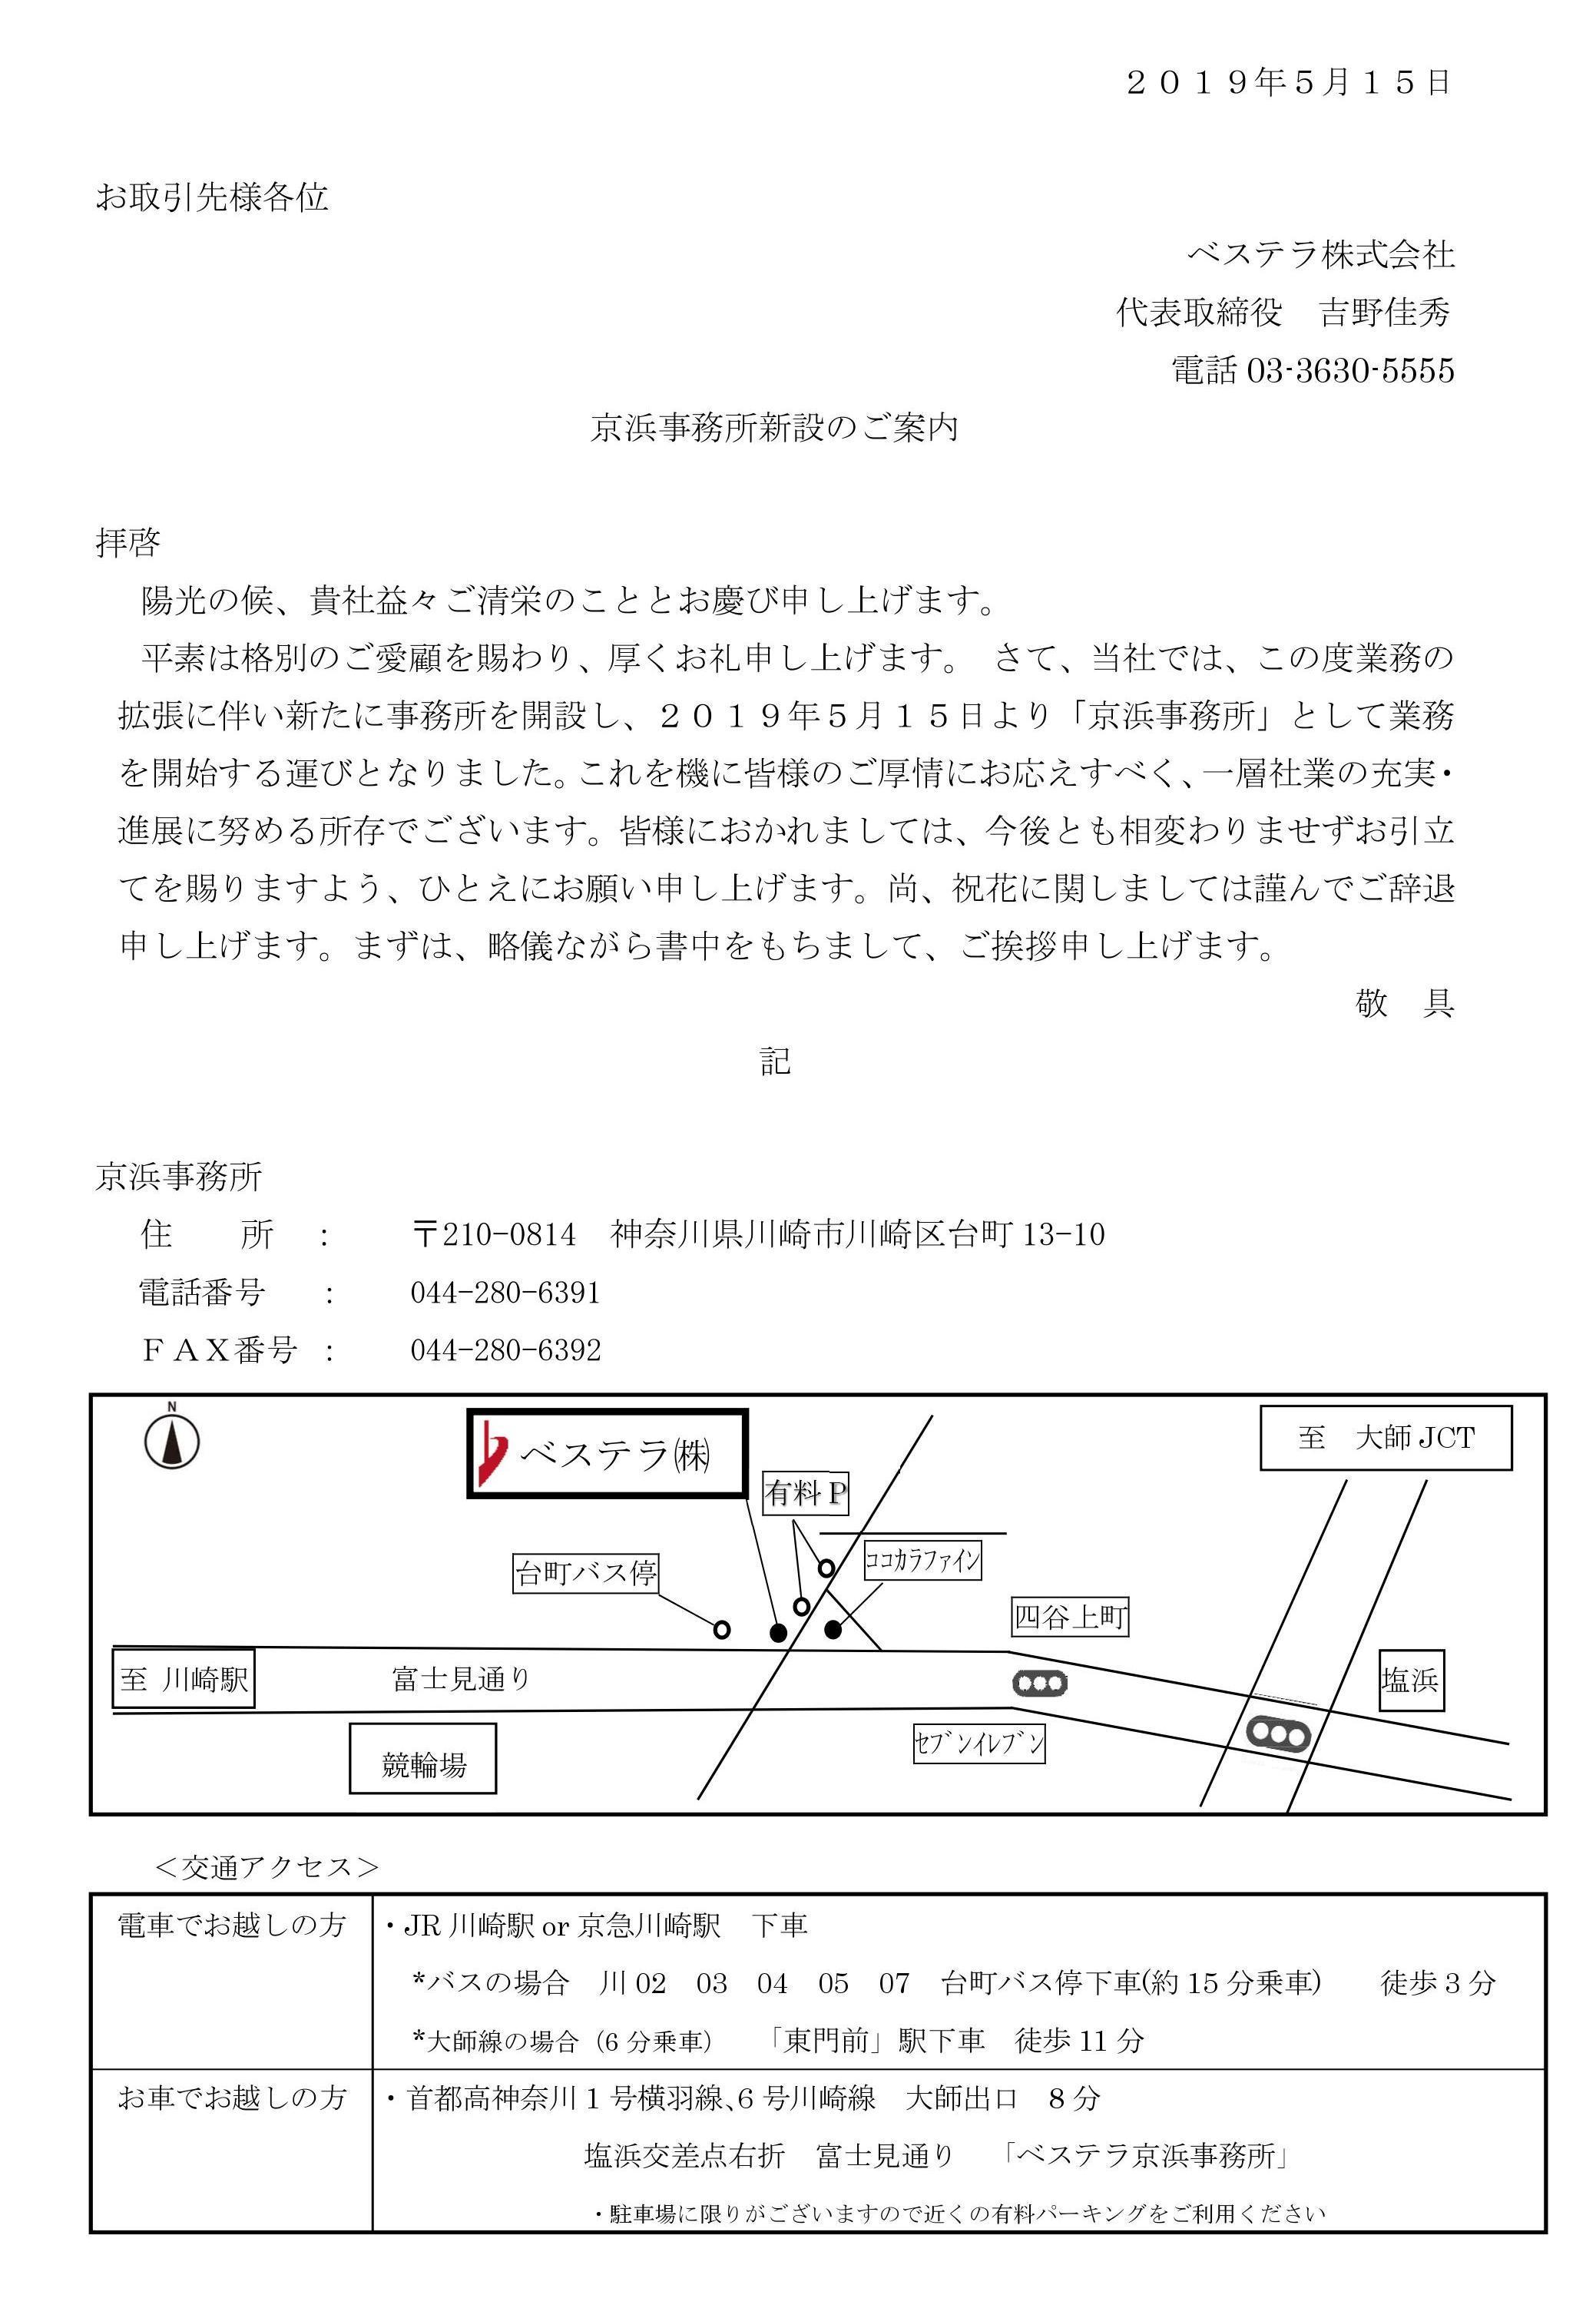 京浜事務所開設 案内文京急.jpg